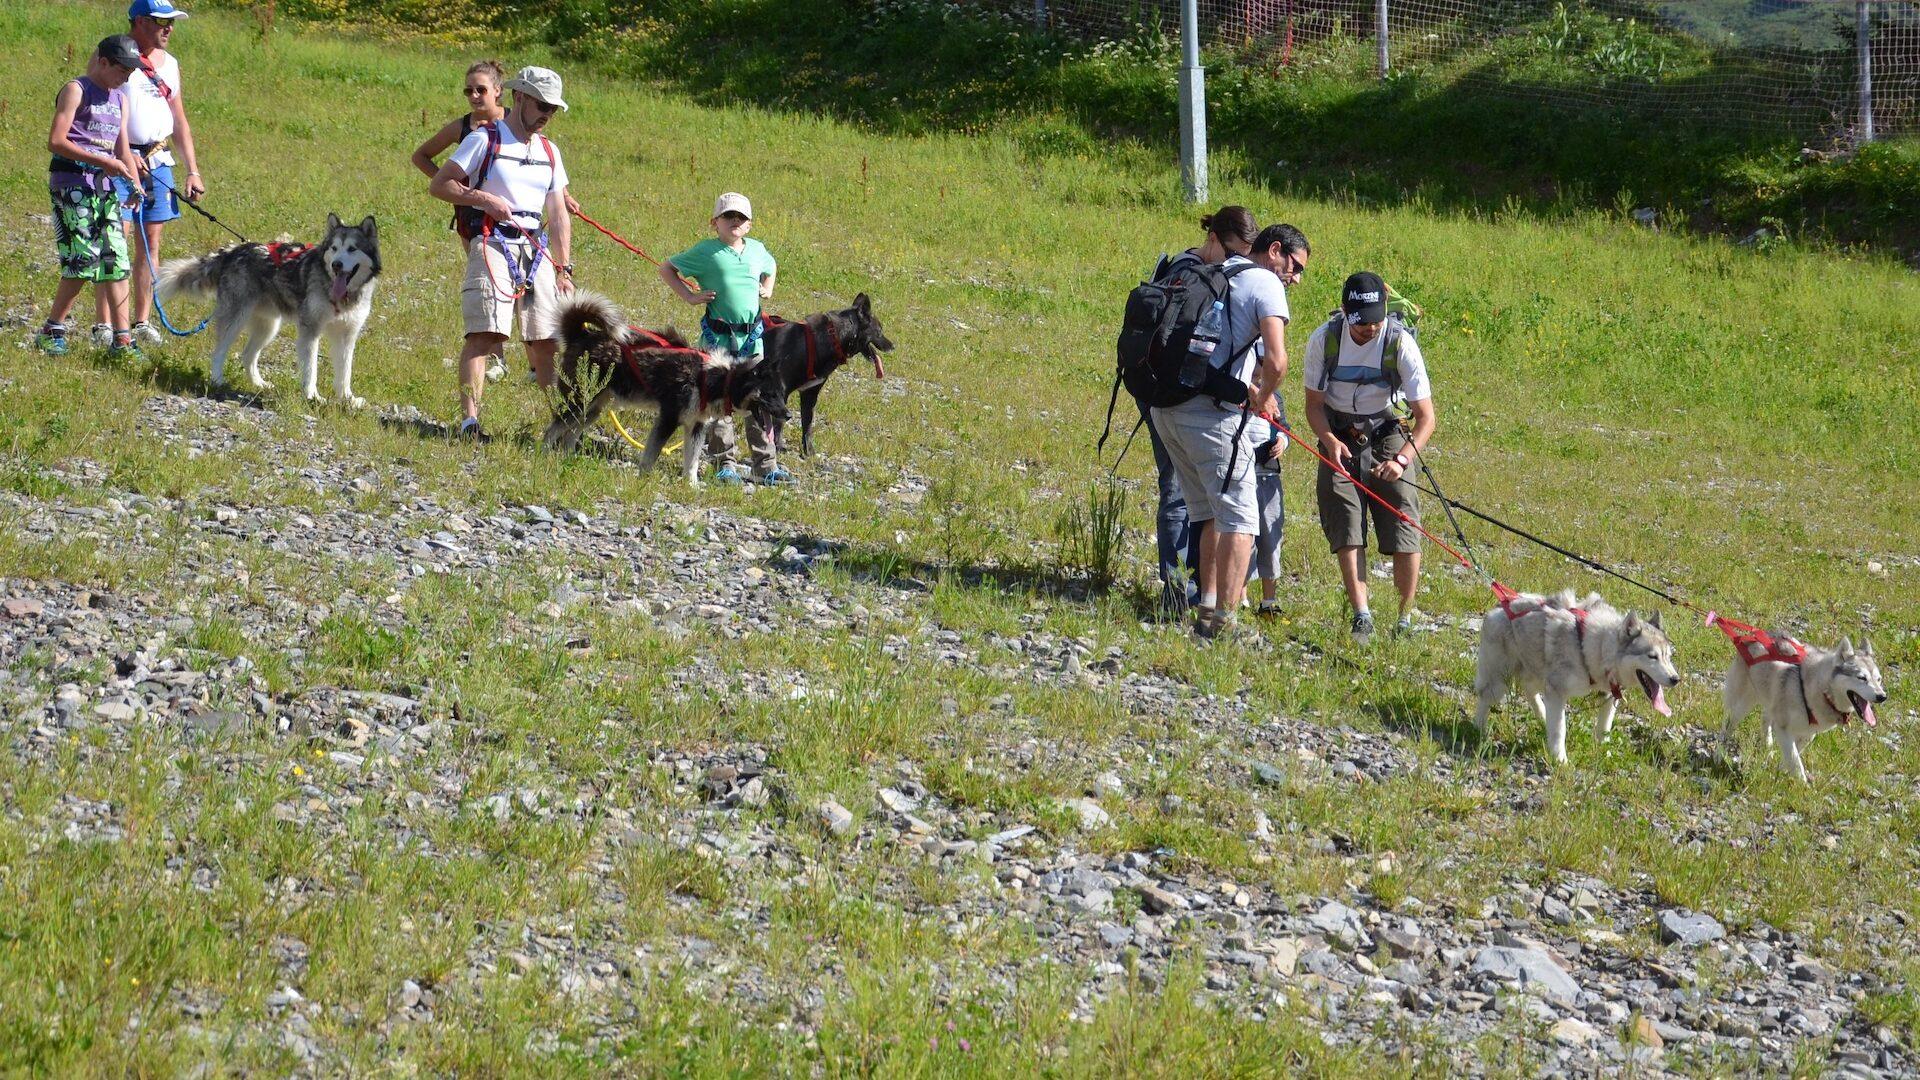 Groupe faisant une balade en été arnachés à des chiens